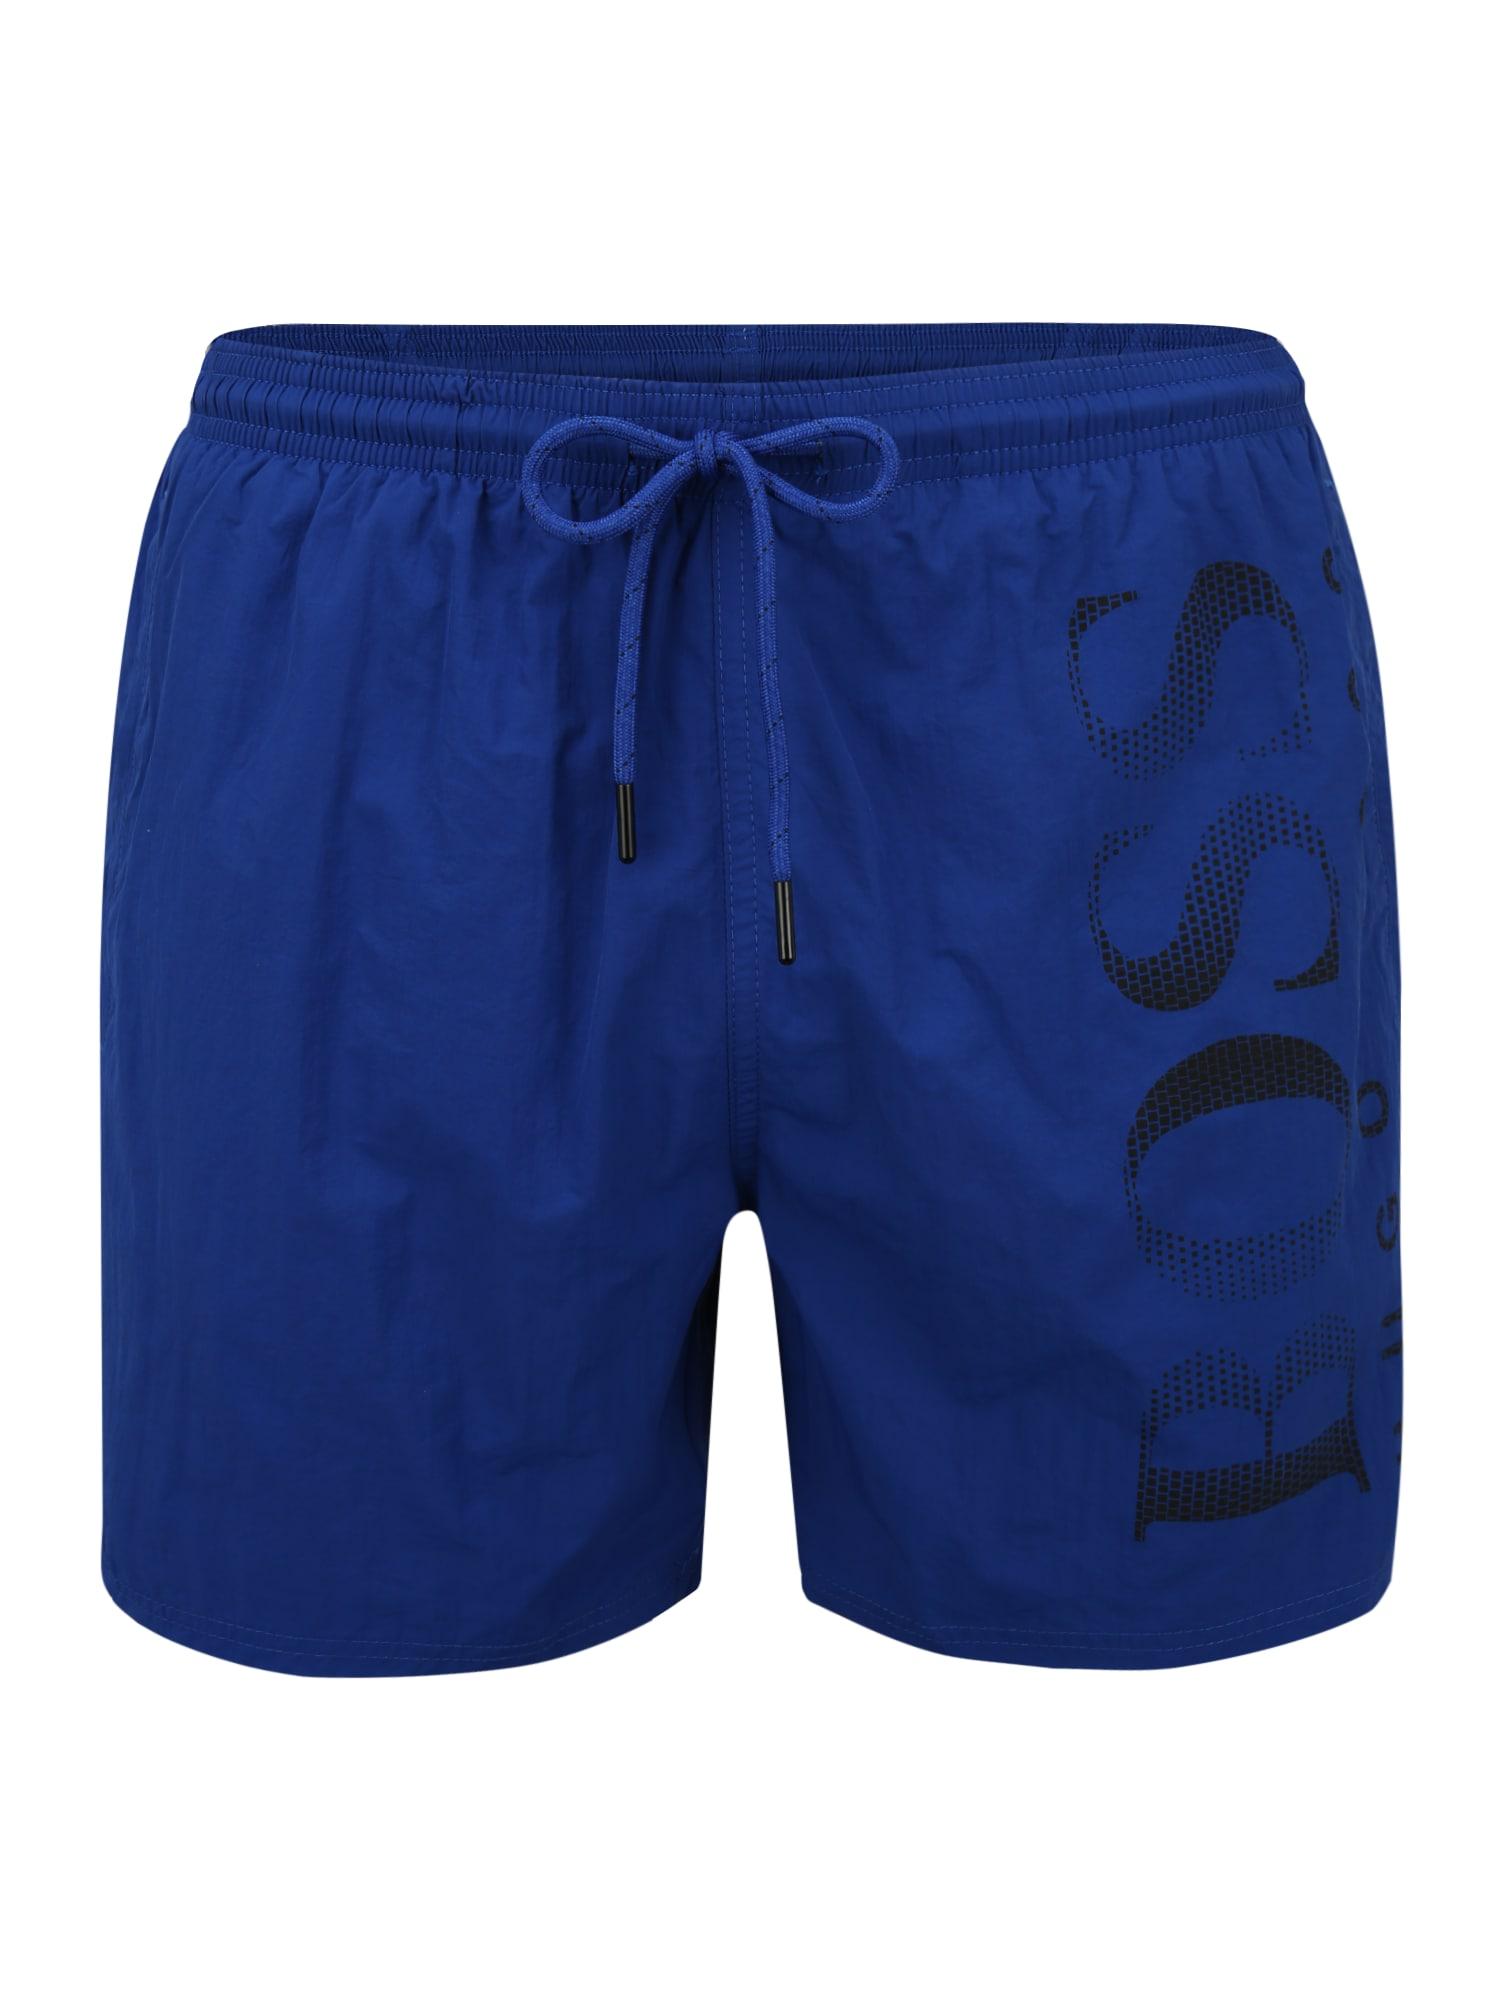 BOSS Casual Plavecké šortky 'Octopus'  kráľovská modrá / čierna